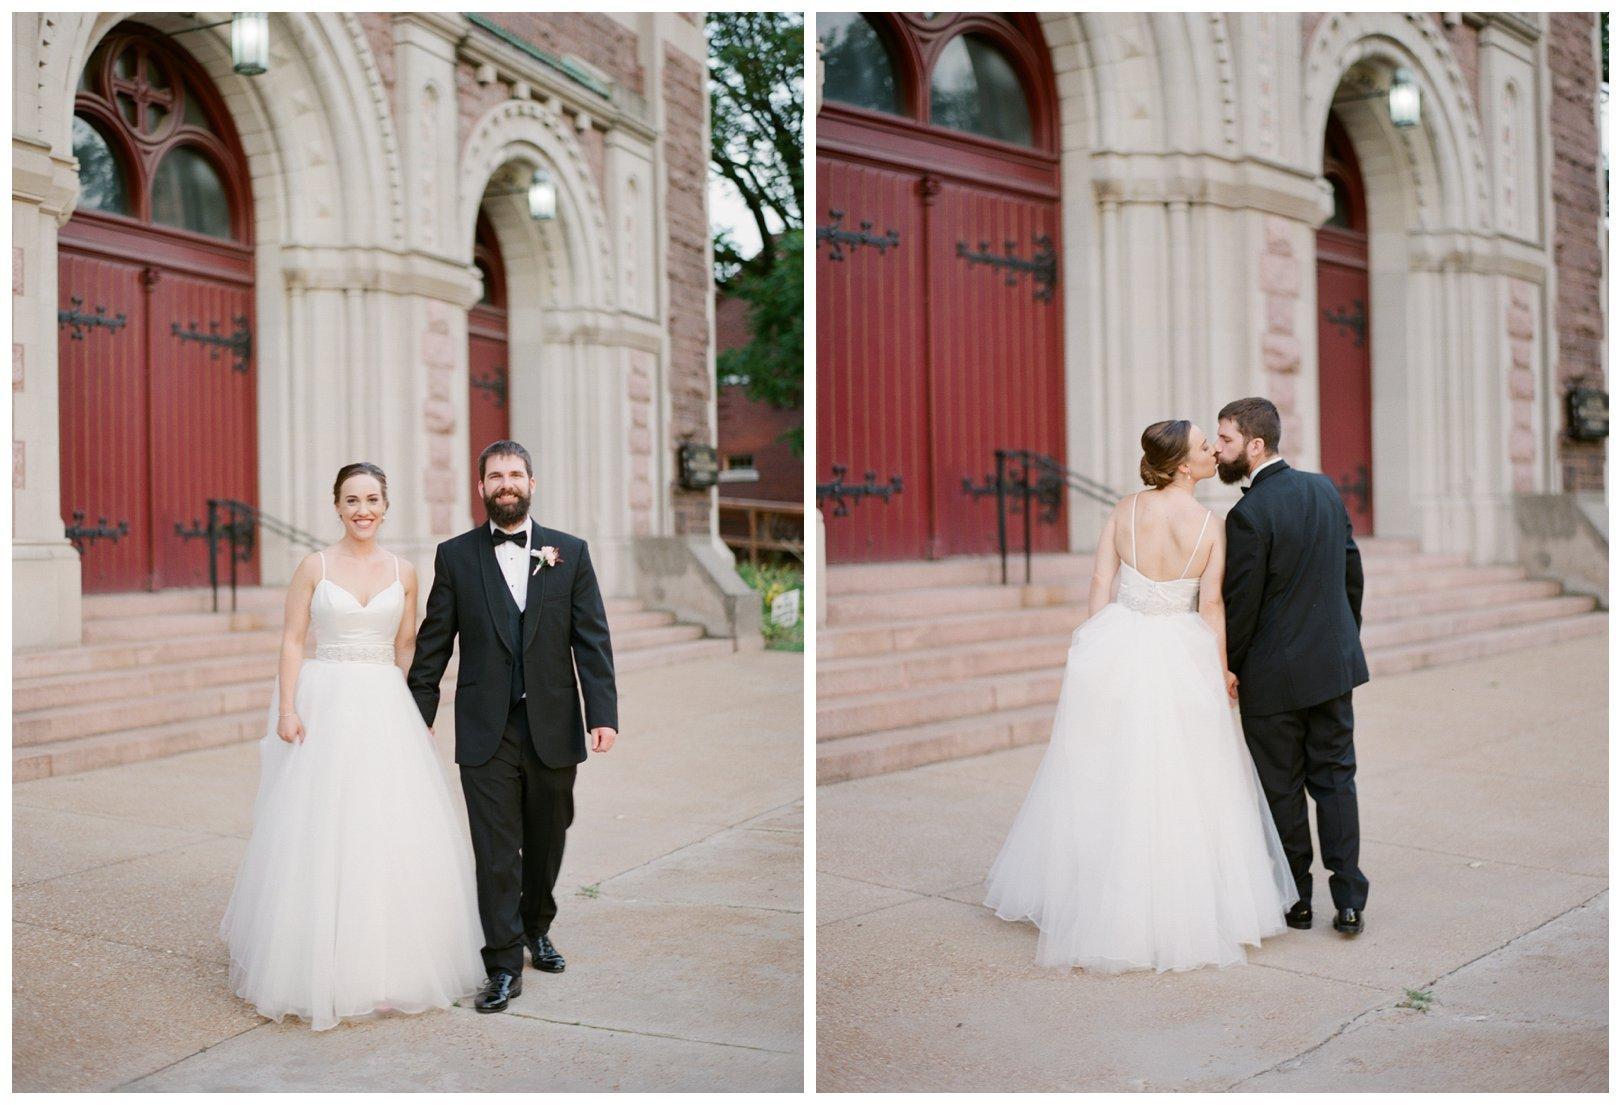 lauren muckler photography_fine art film wedding photography_st louis_photography_1127.jpg